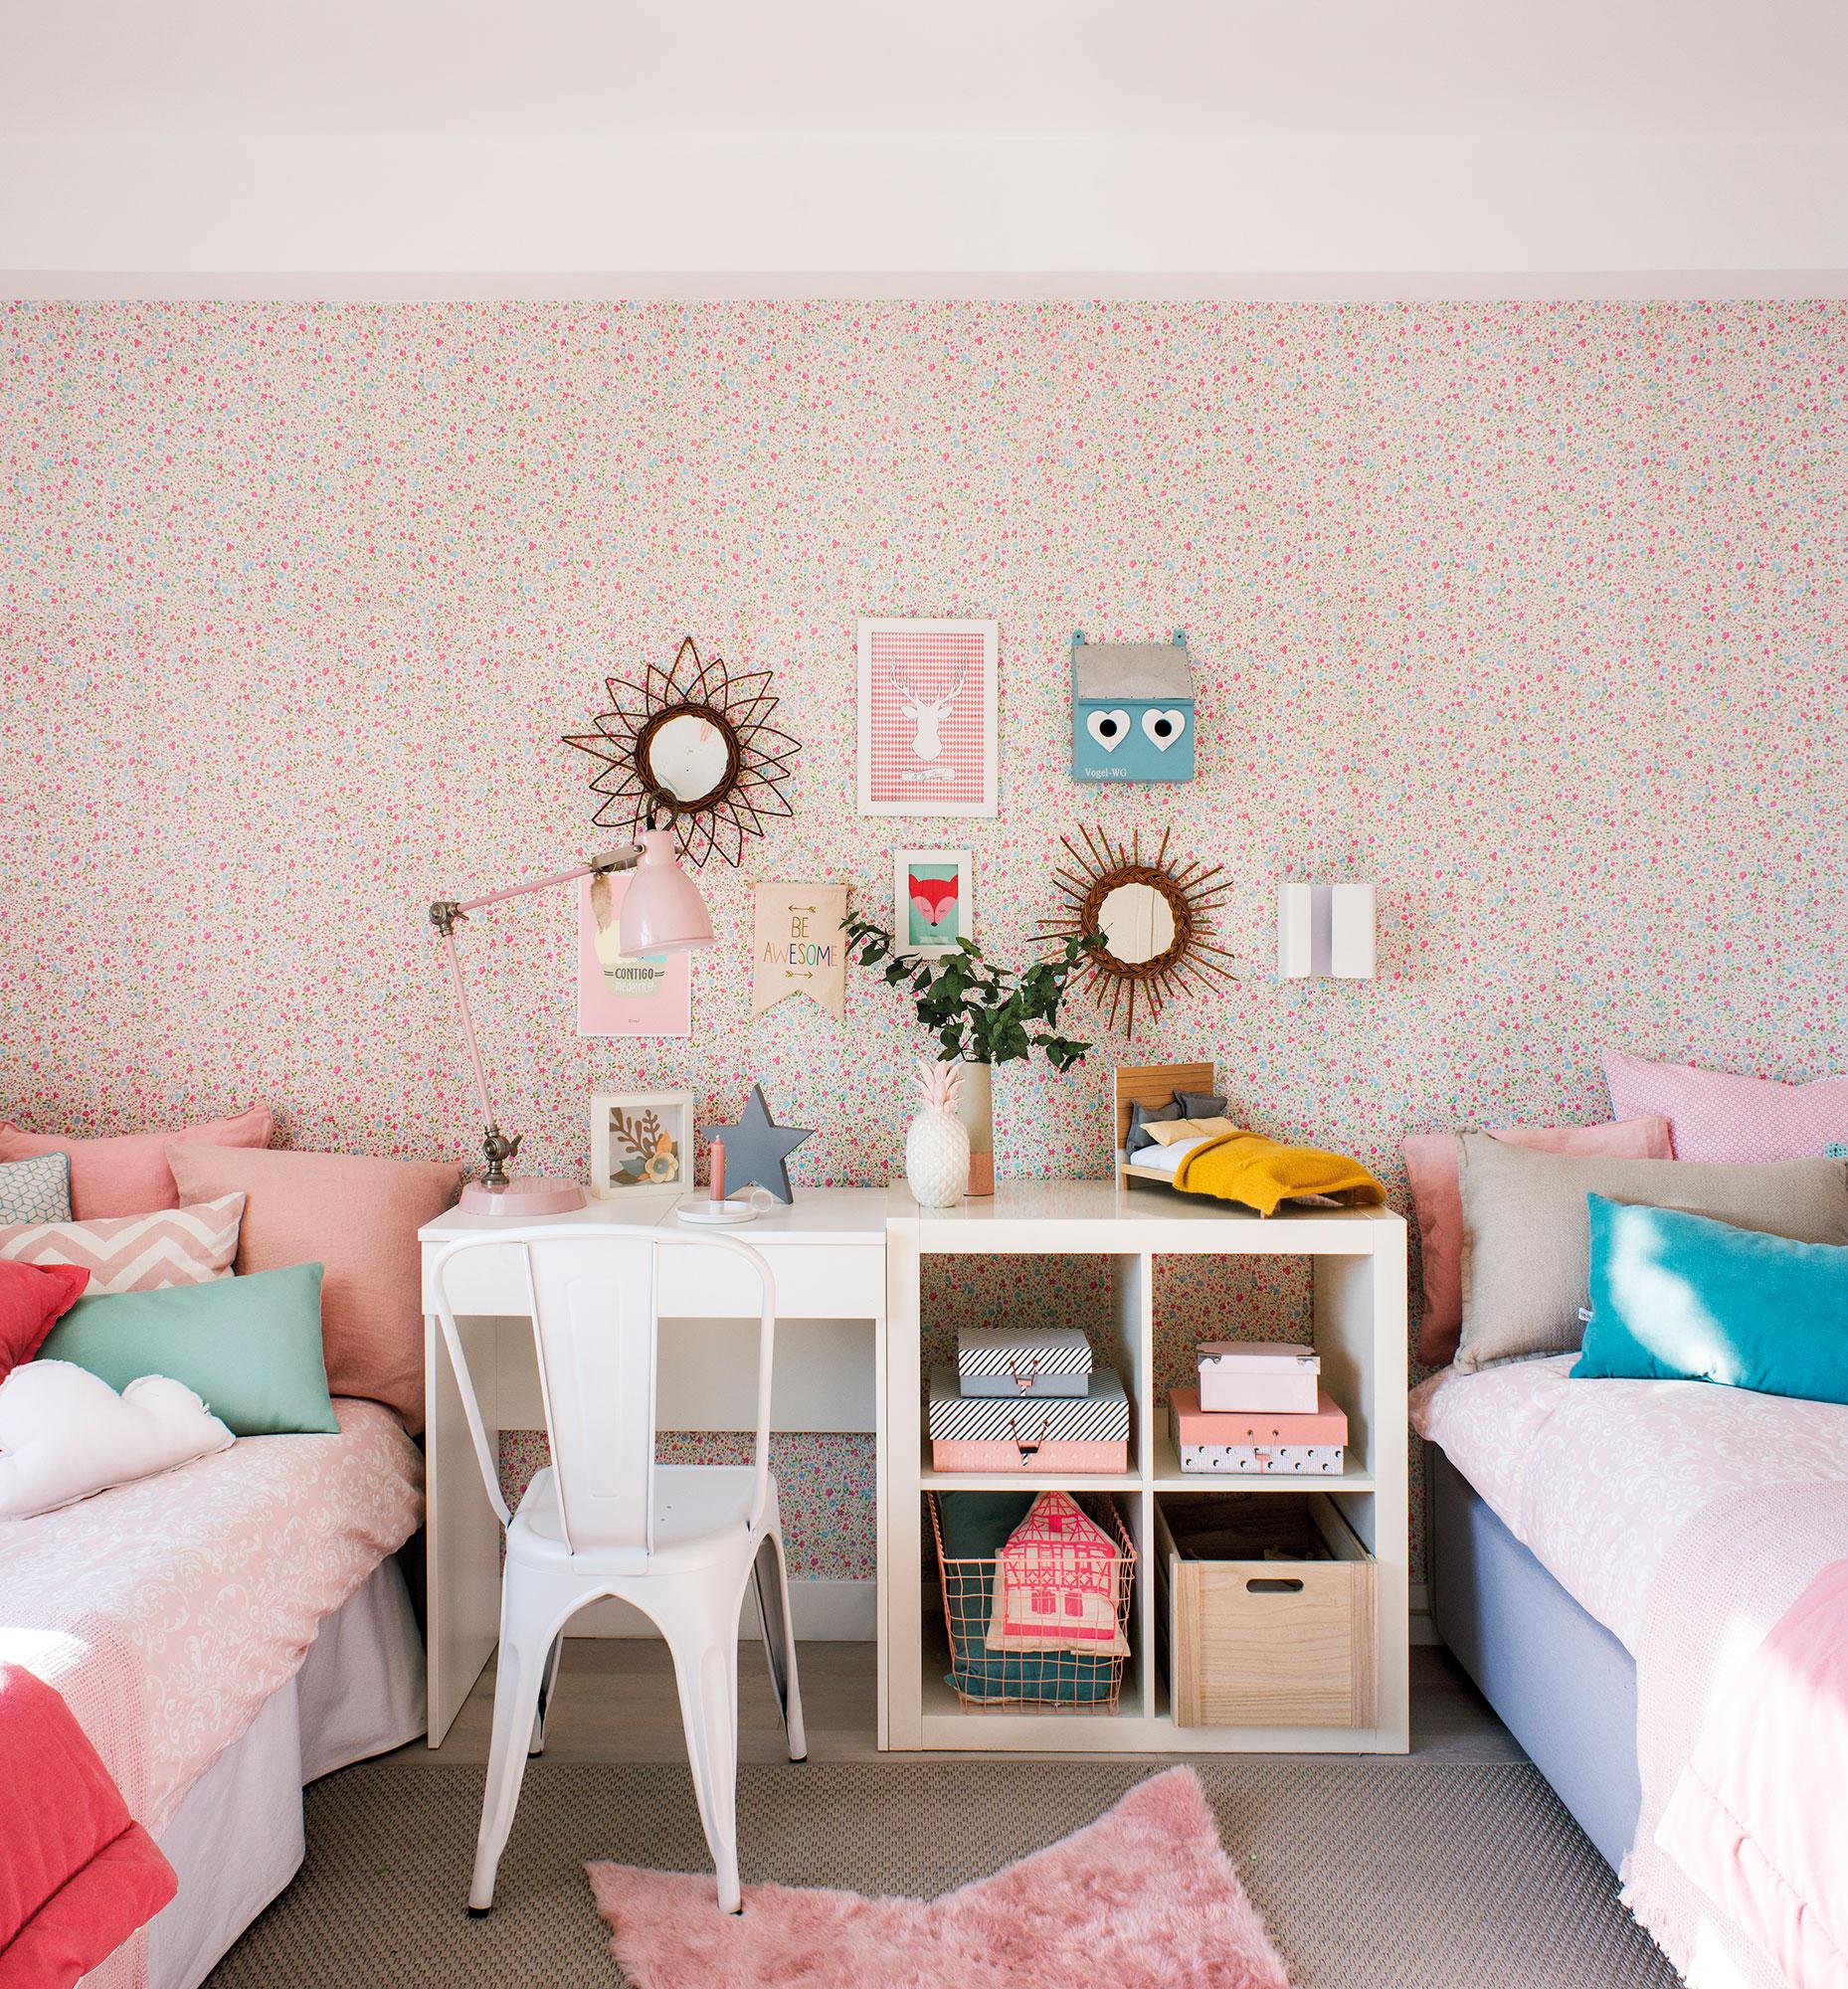 Decora la habitaci n infantil con papel pintado - El mueble habitaciones infantiles ...